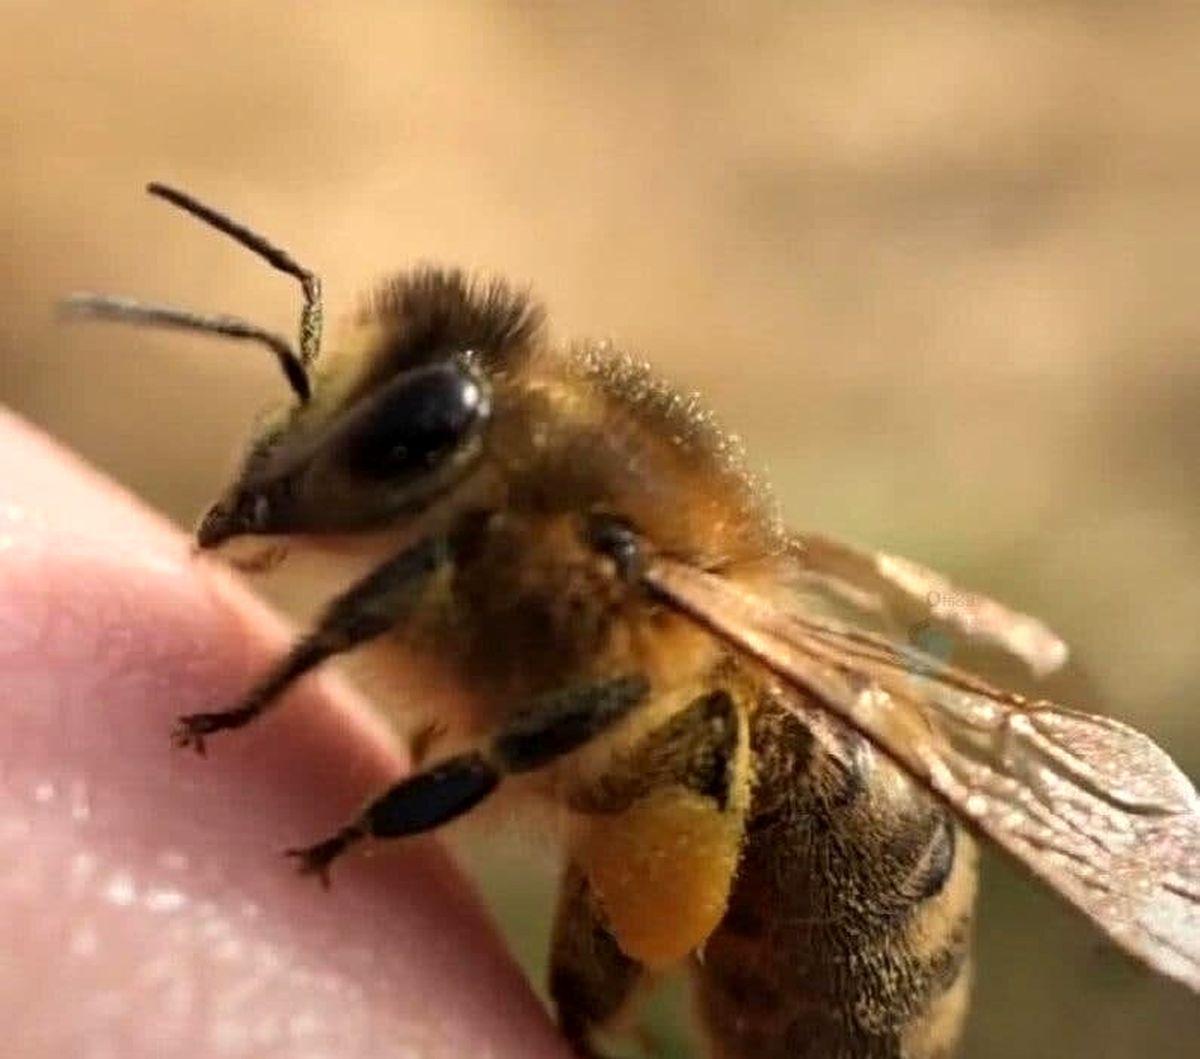 تصویر باورنکردنی از انگشتان زنبور عسل